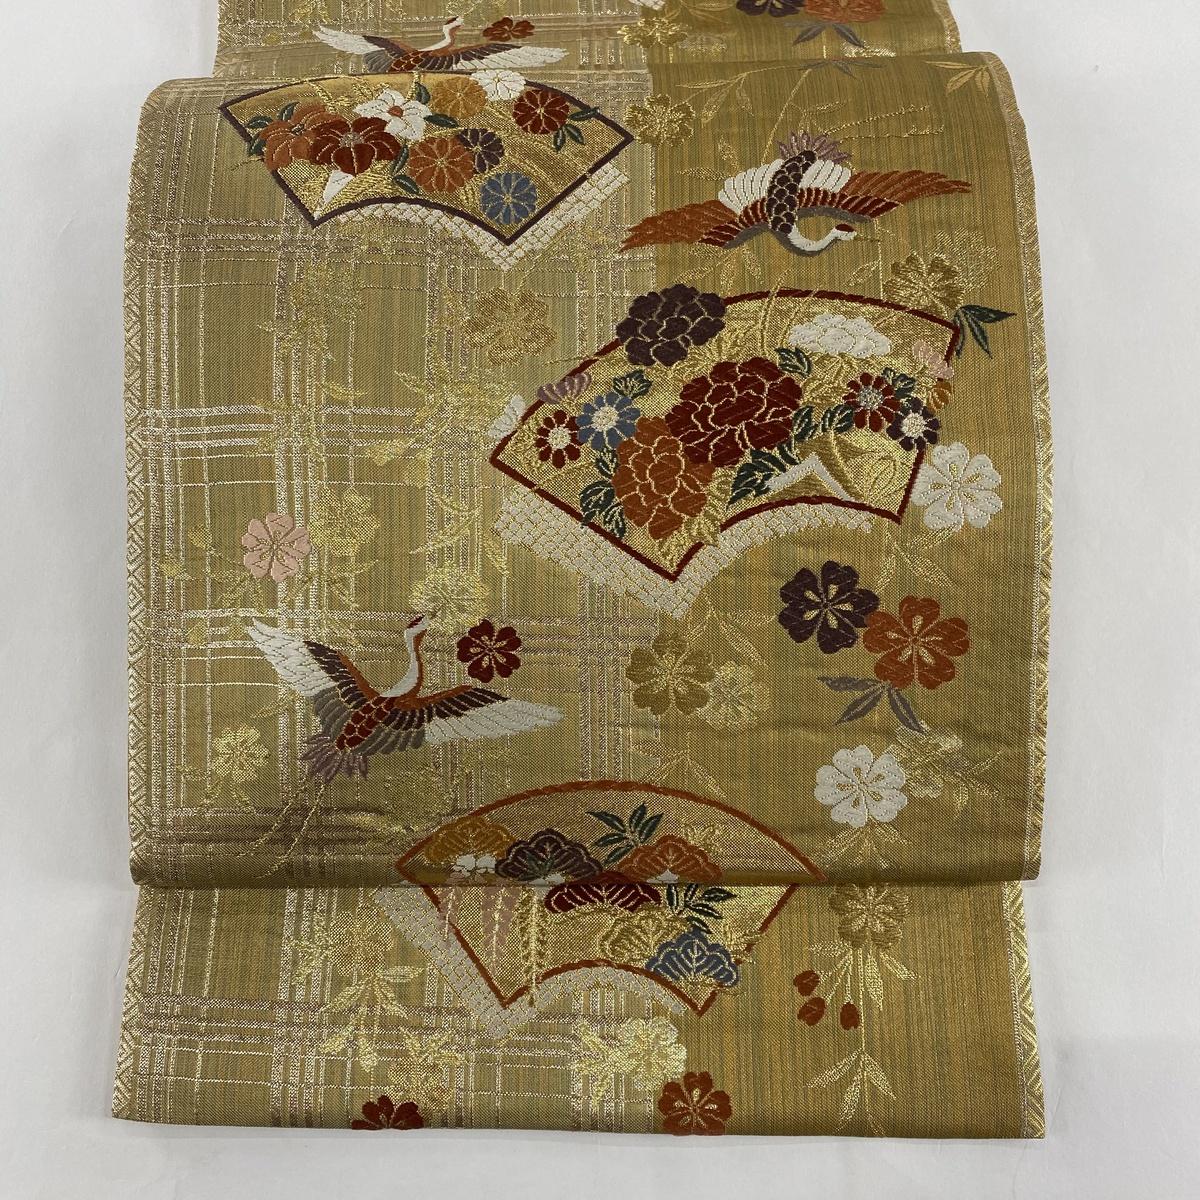 袋帯 美品 秀品 扇面 鶴 金糸 箔 茶緑色 六通 正絹 【中古】